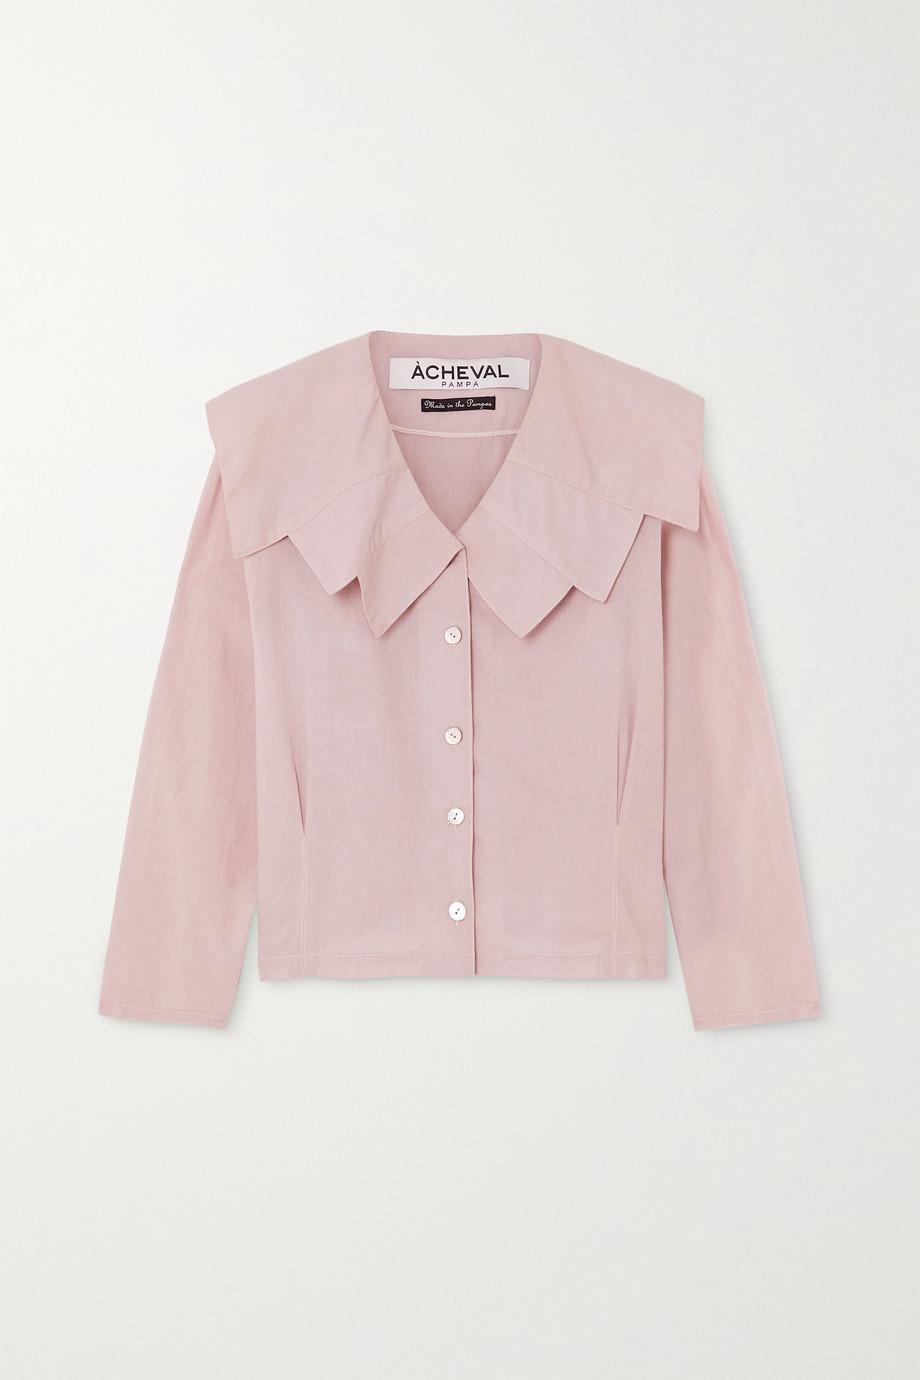 Àcheval Pampa Evita cotton blouse